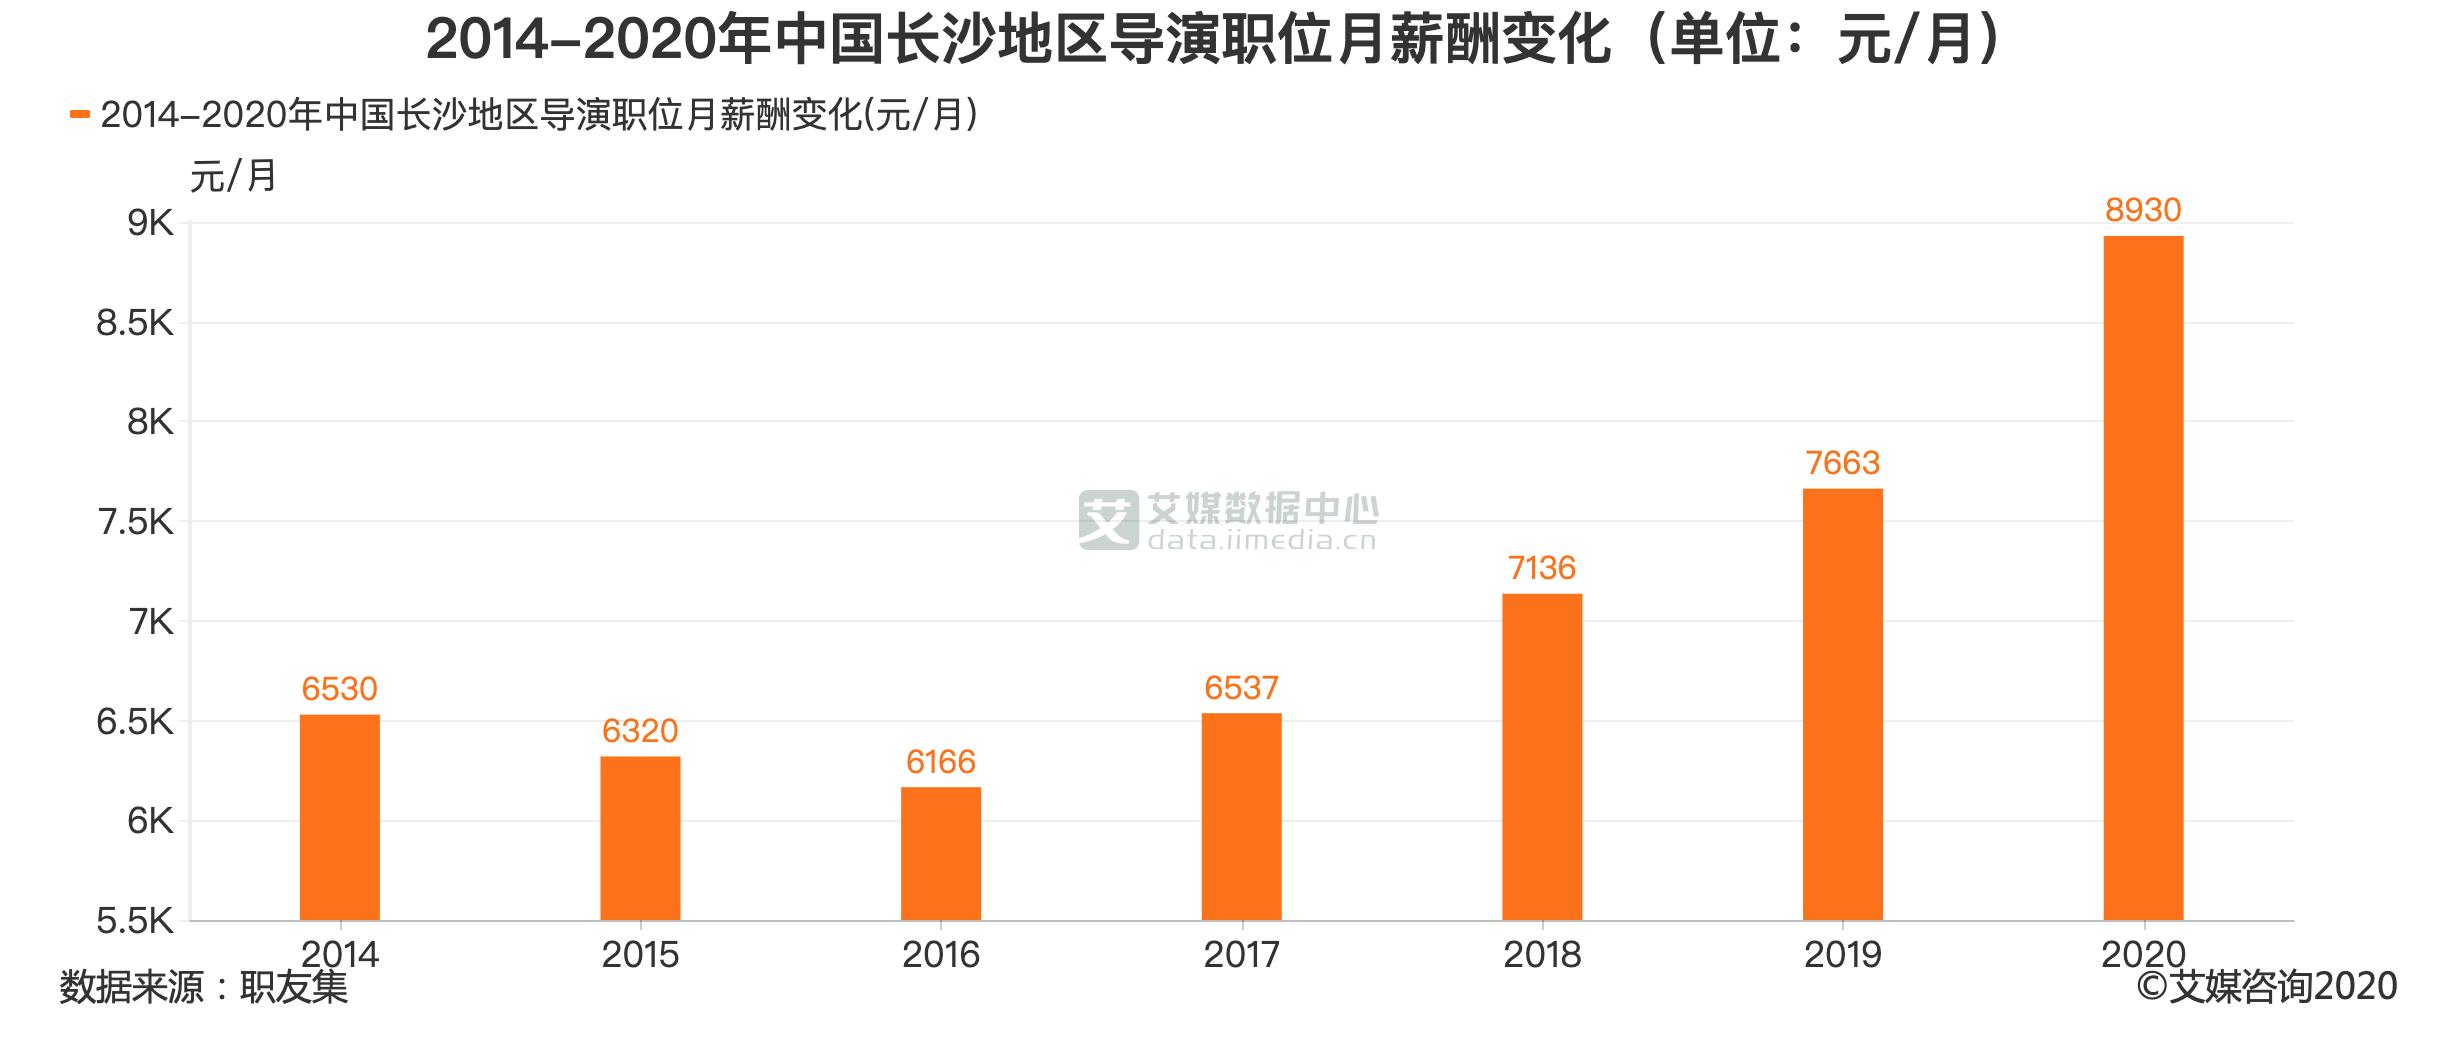 2014-2020年中国长沙地区导演职位月薪酬变化(单位:元/月)